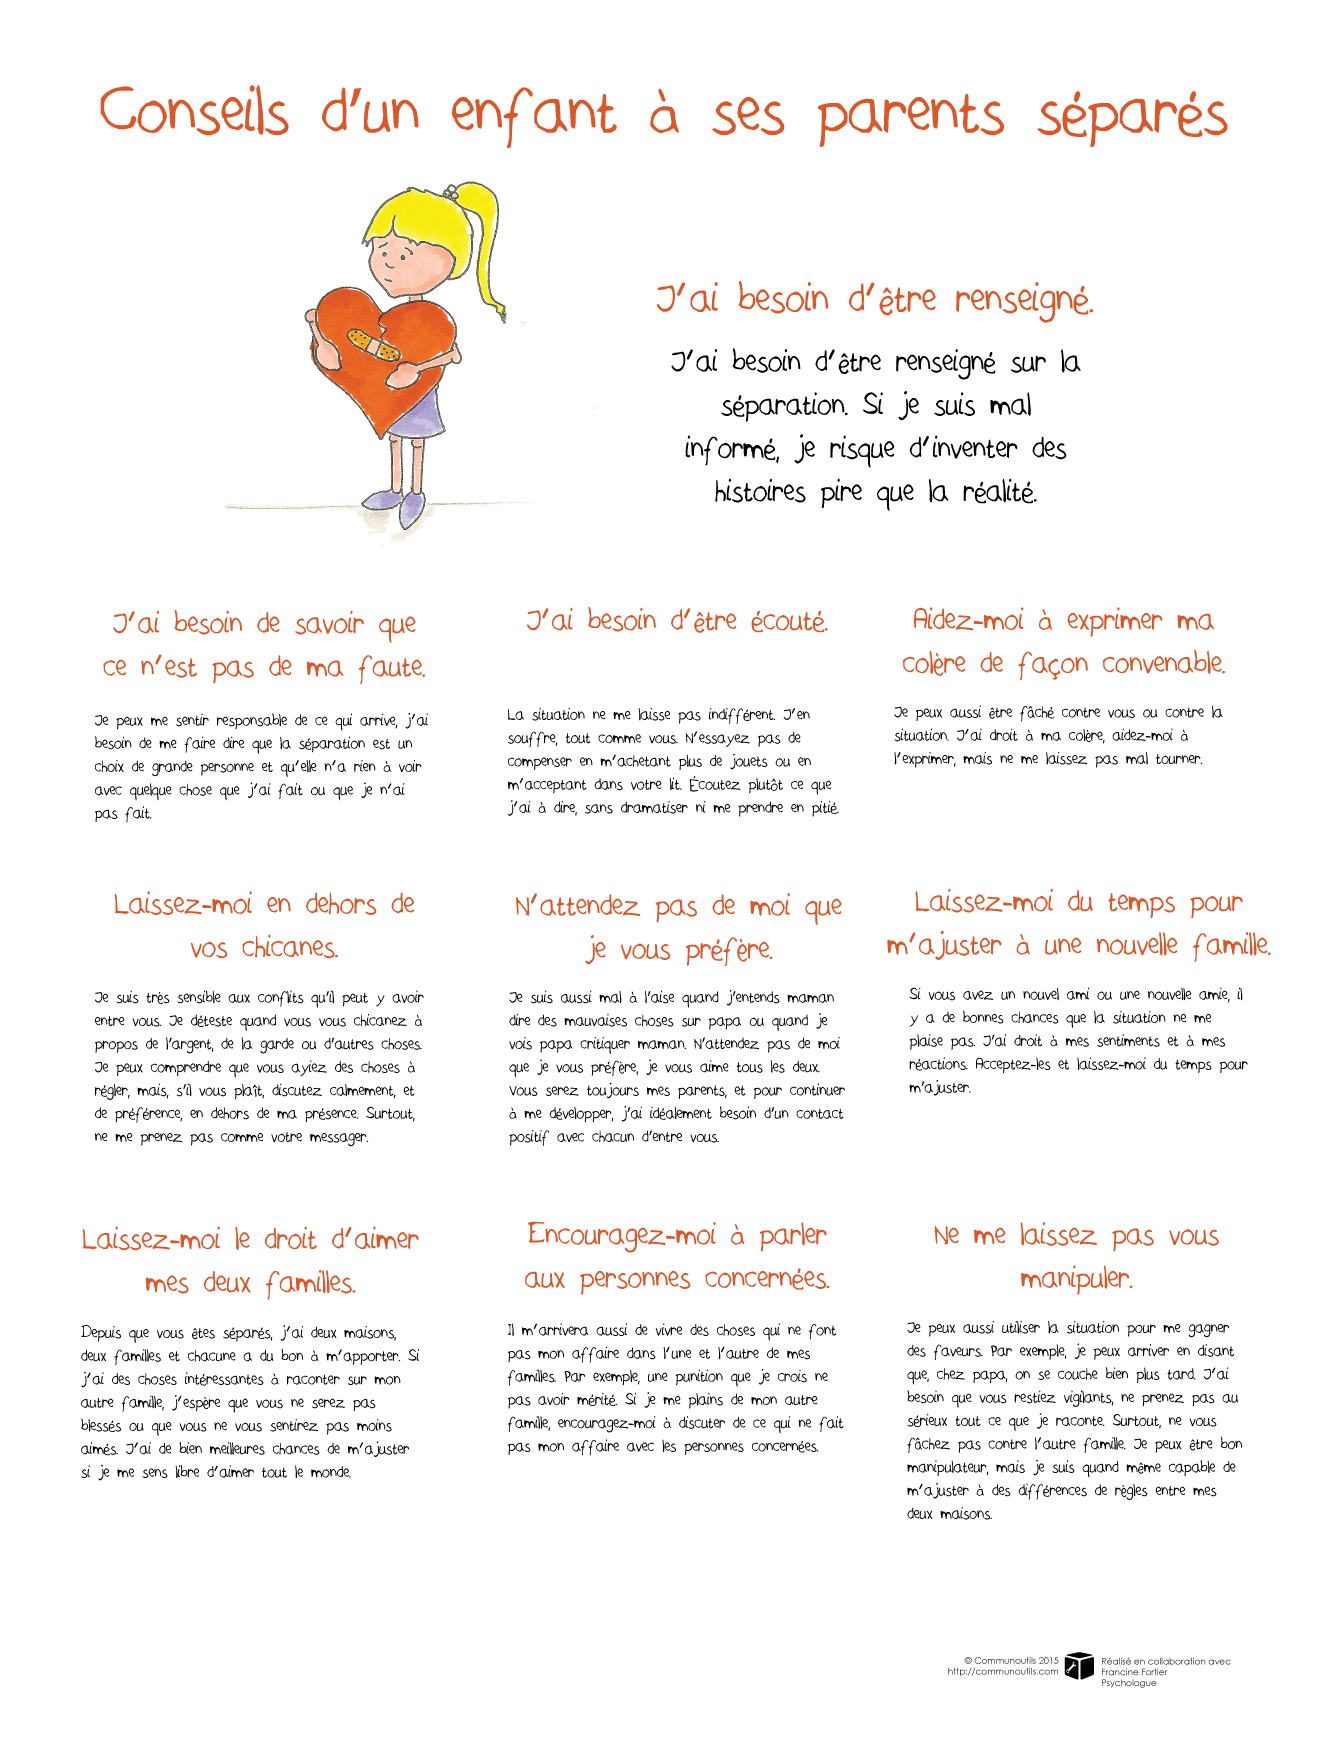 Affiche conseils d 39 un enfant ses parents s par s communoutils - Site pour parents separes ...